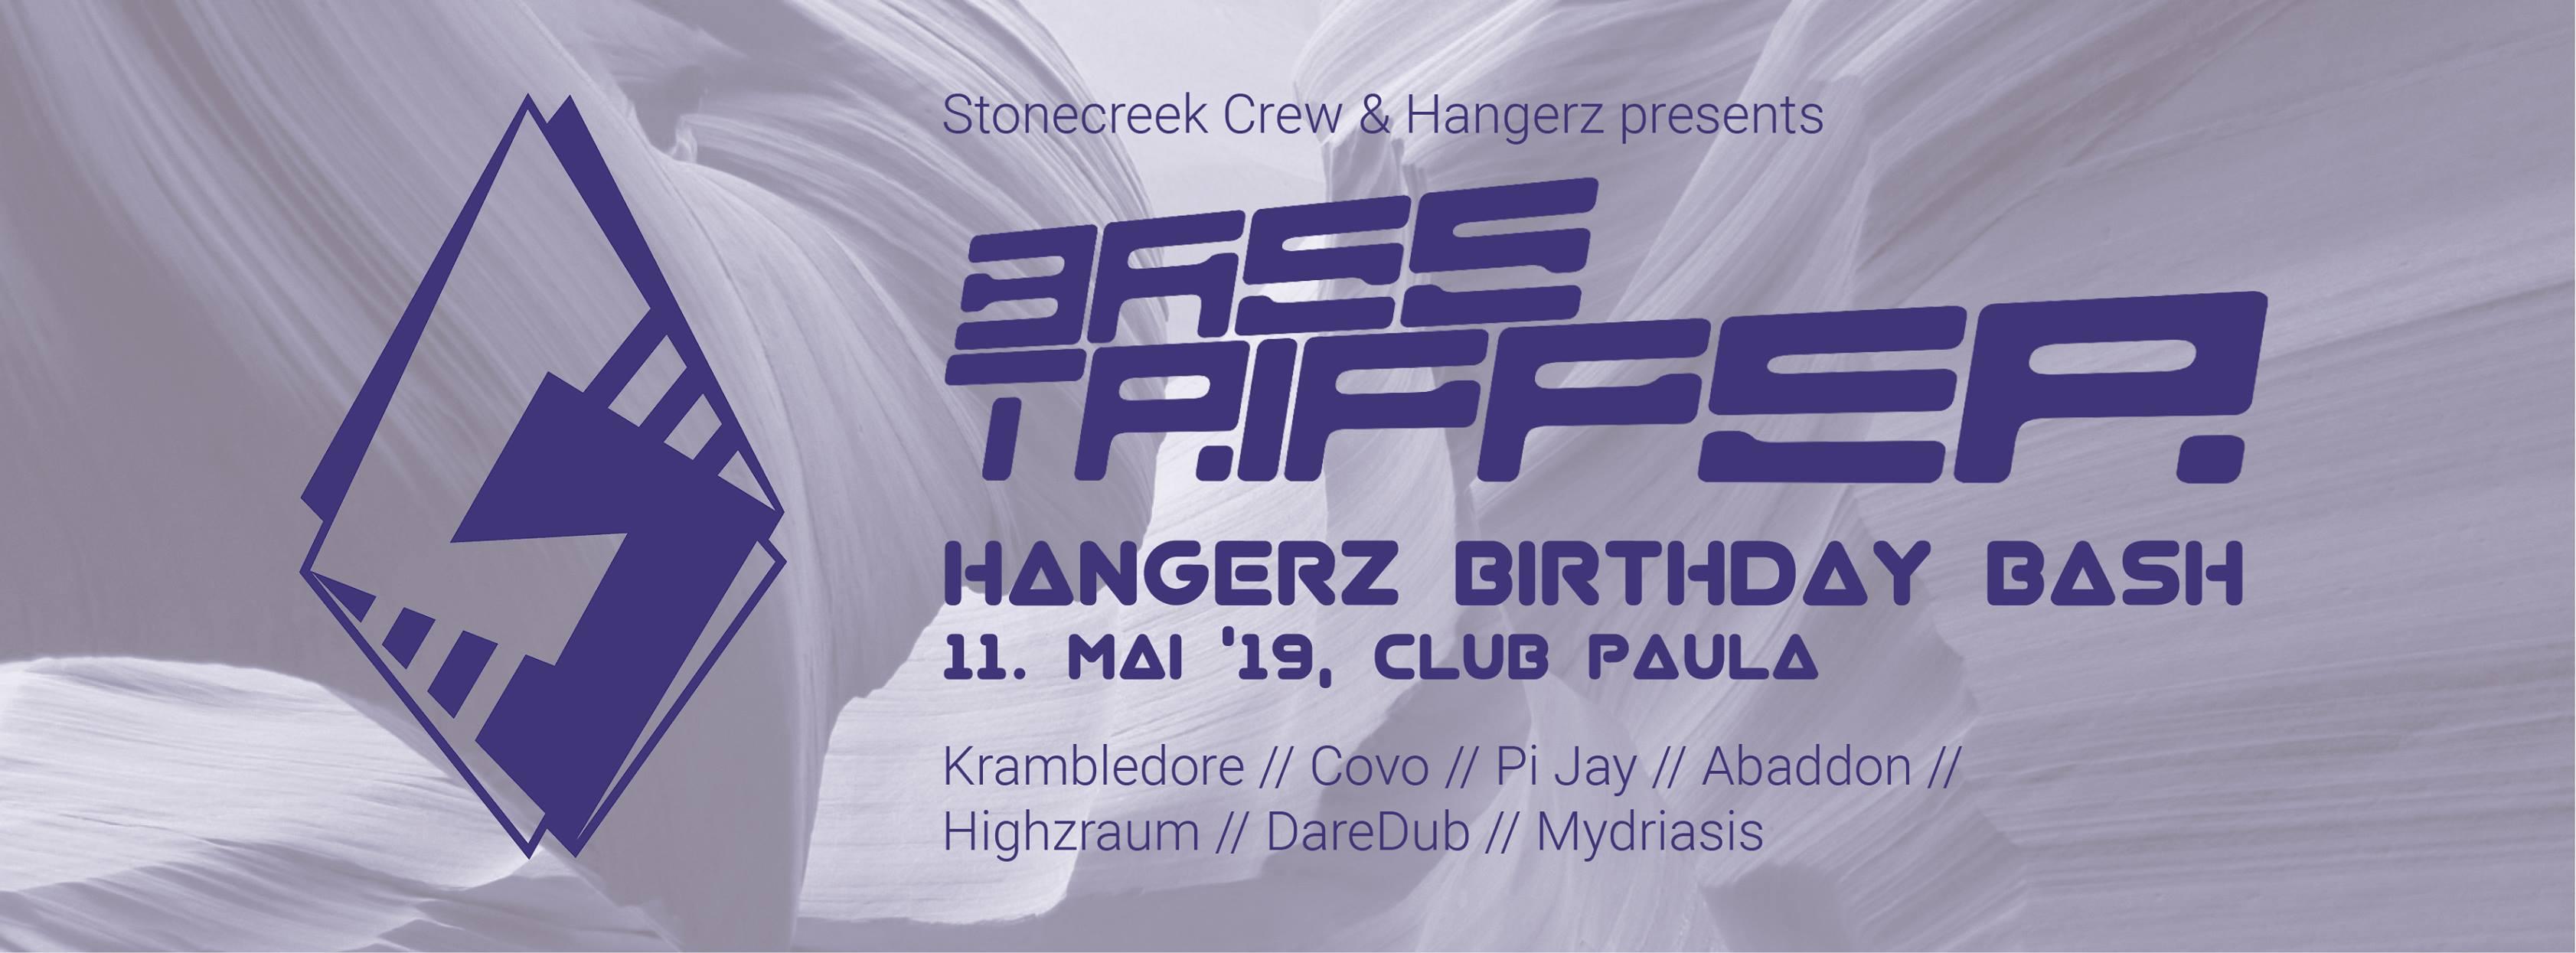 Hangerz Birthday Bash w/ Basstripper